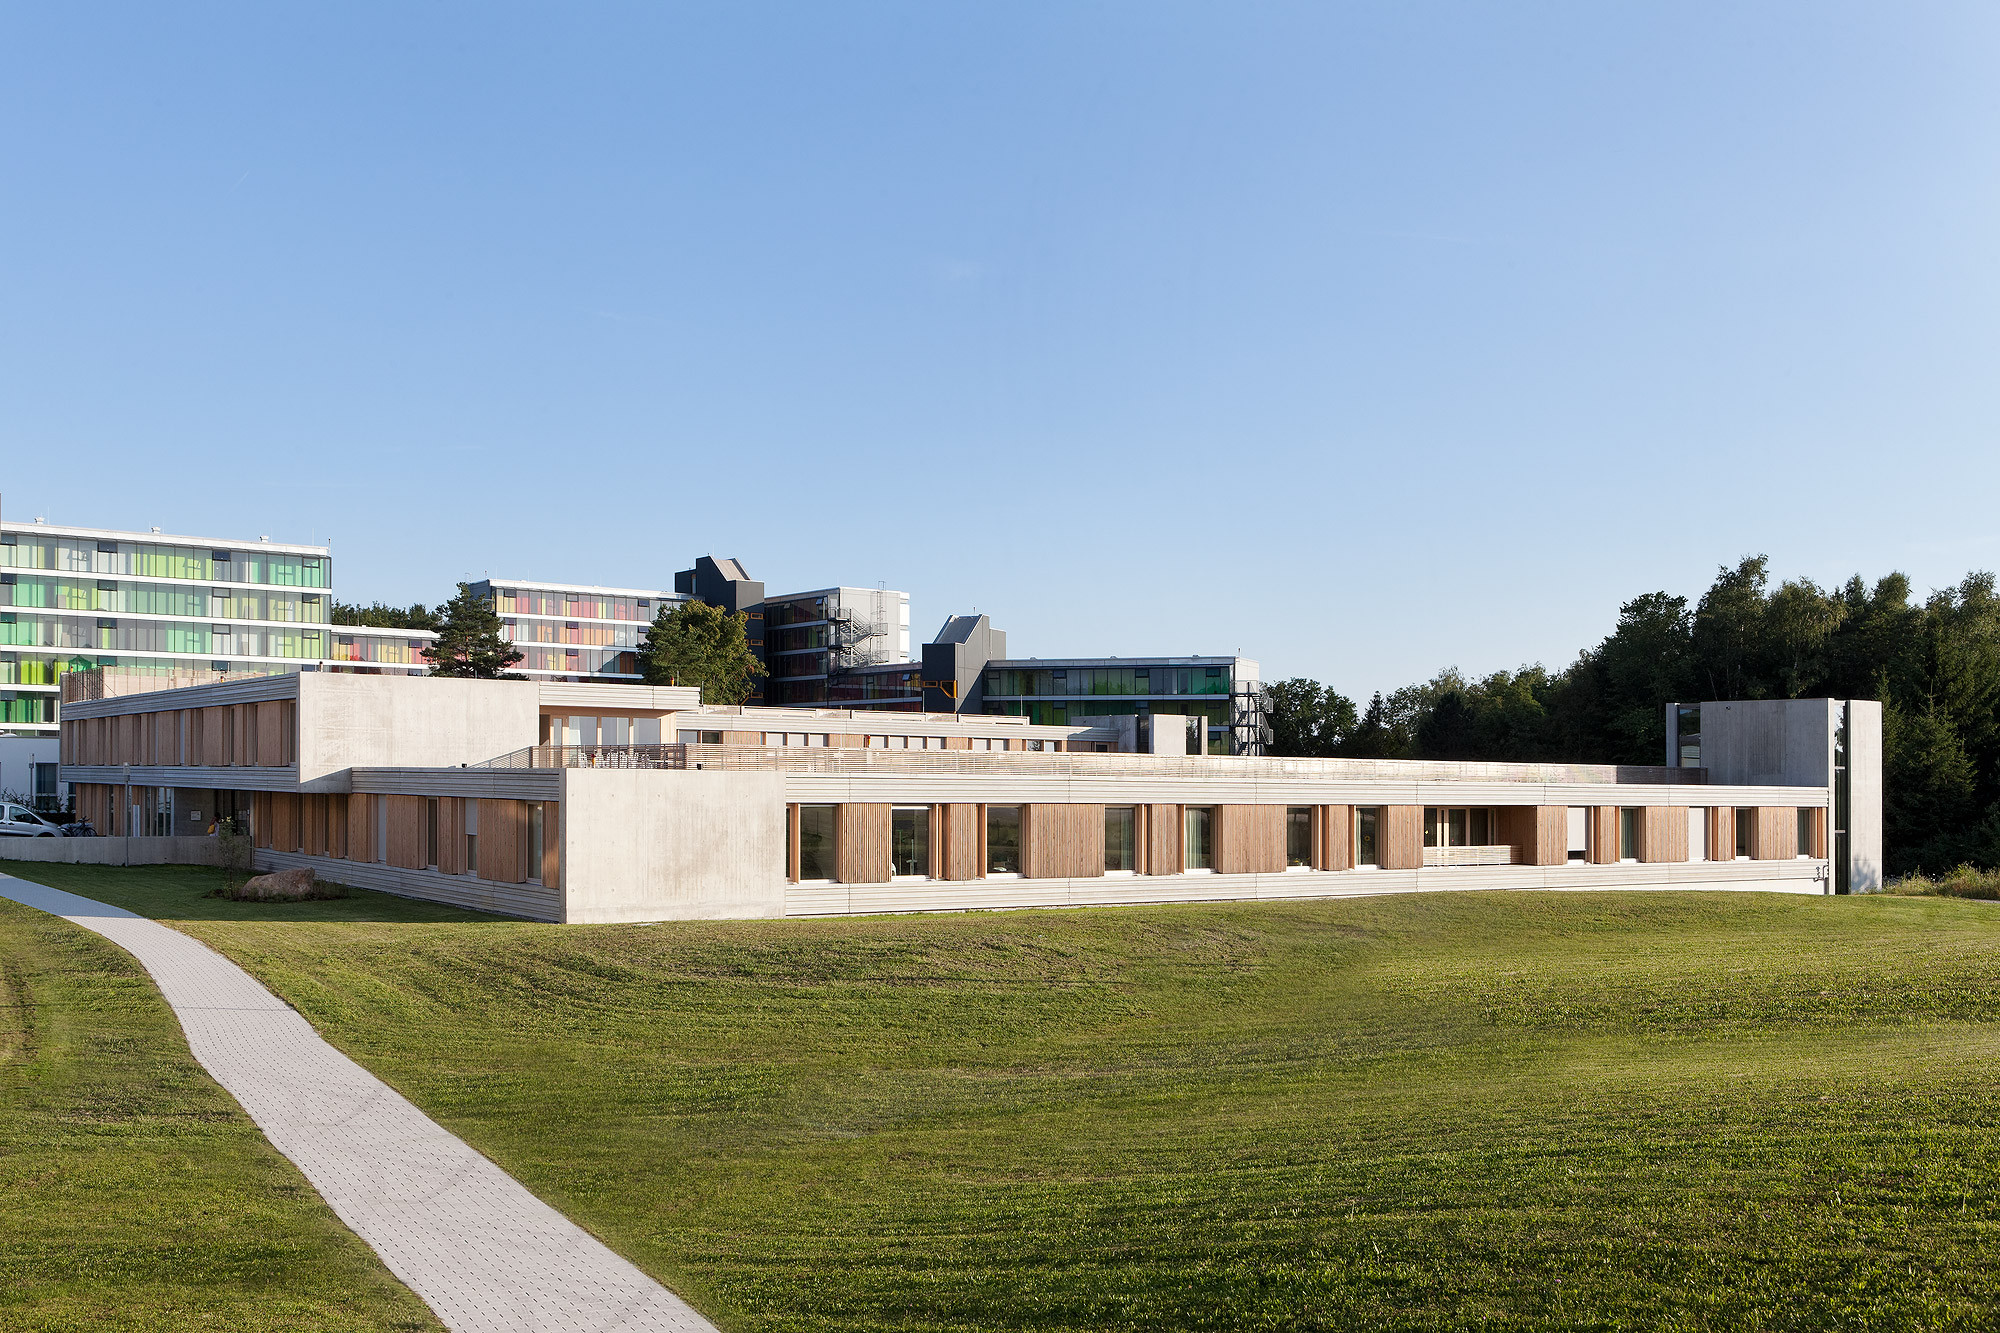 psychiatric centre friedrichshafen huber staudt. Black Bedroom Furniture Sets. Home Design Ideas